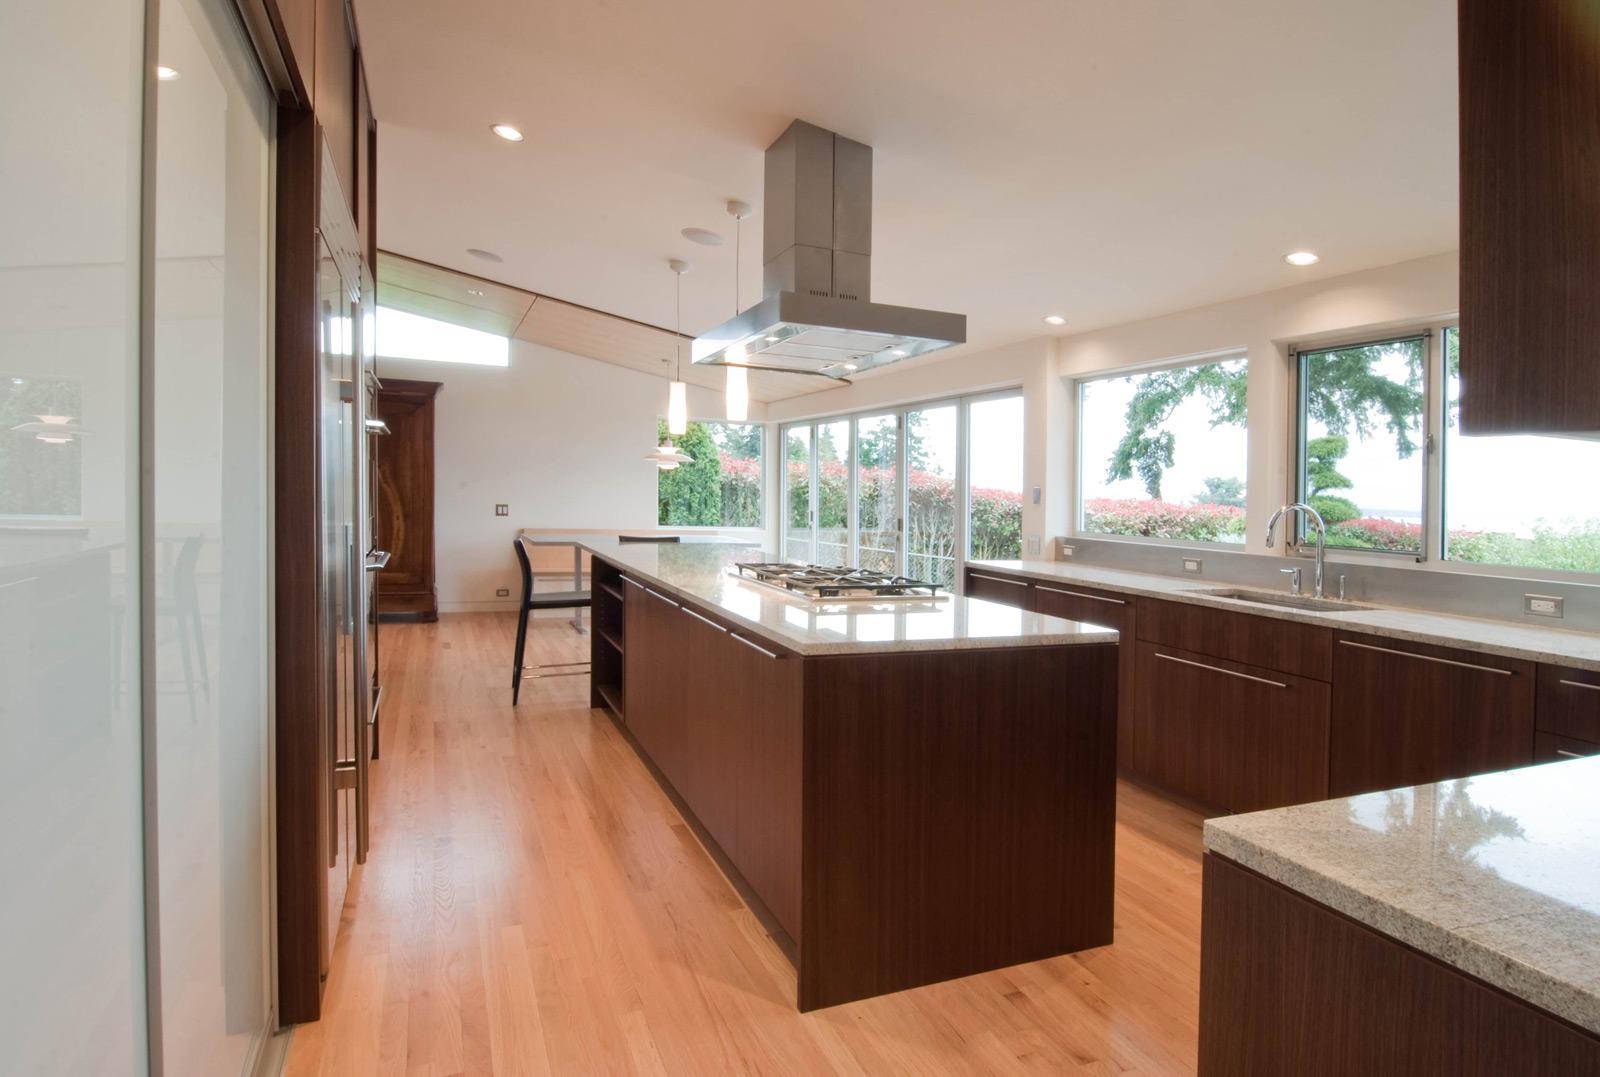 design strategies for kitchen hood venting kitchen island vent BUILD LLC Innis Arden